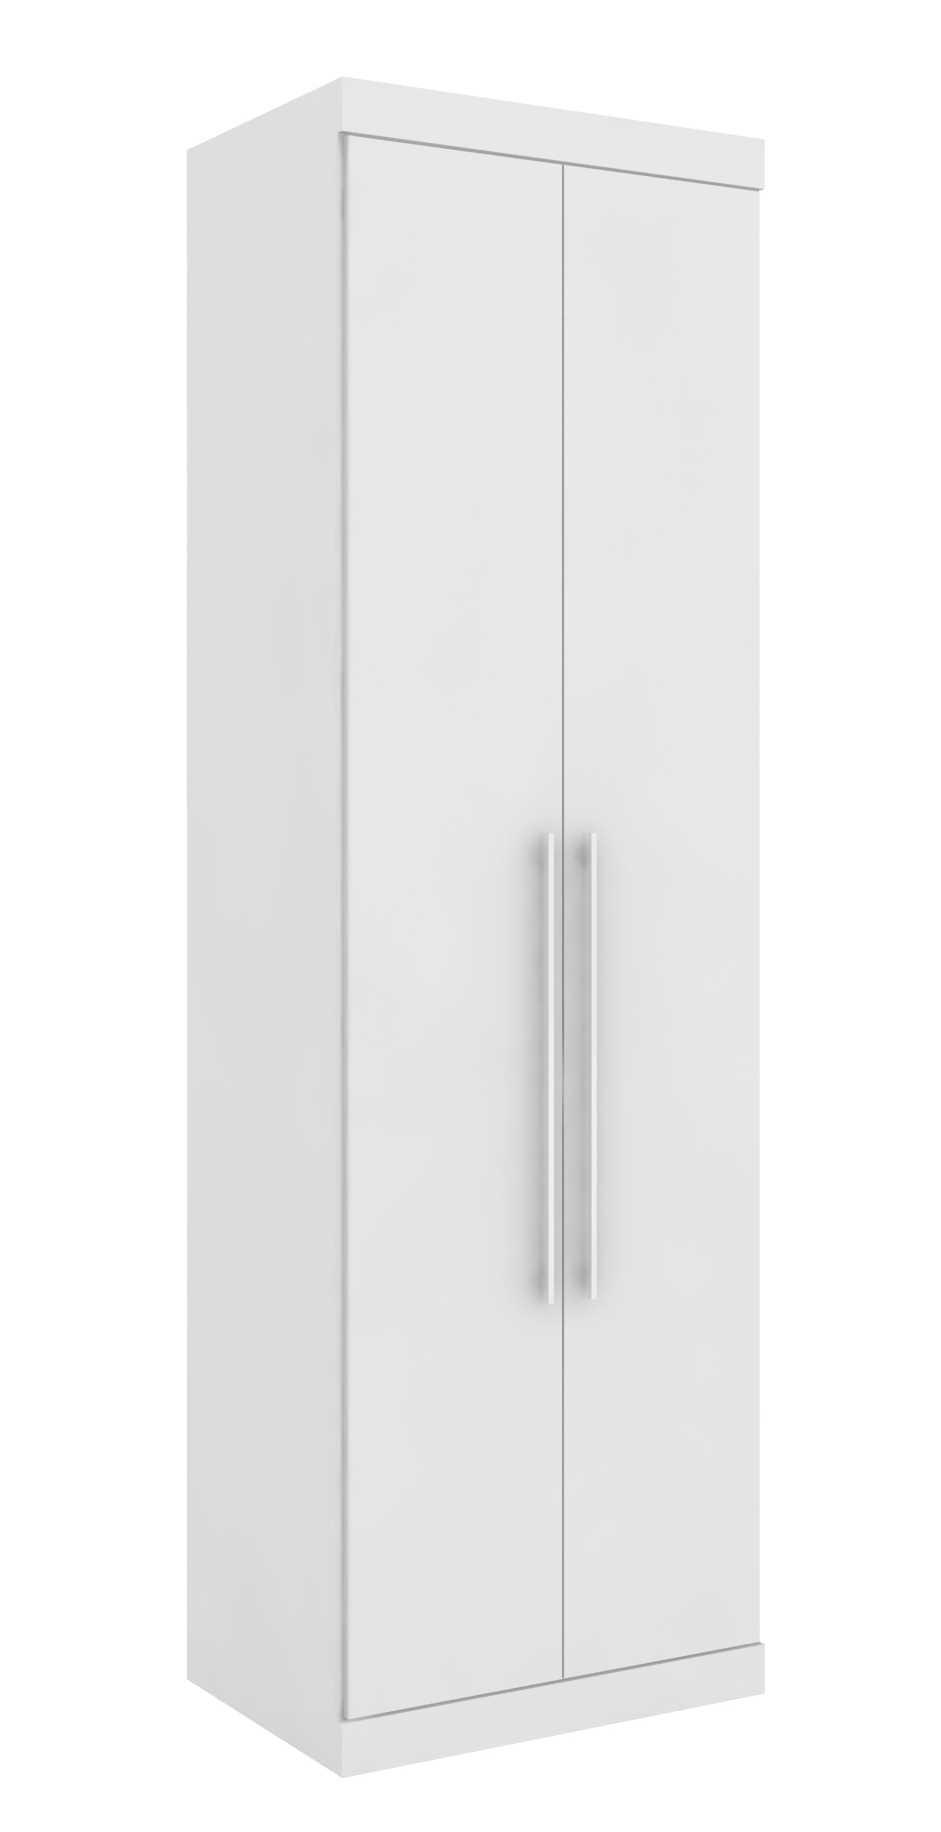 Armário Modulado Supreme 2 Portas 71cm com 3 Gavetas 1 Cabideiro Branco Fosco e Branco Madeirado Robel Móveis